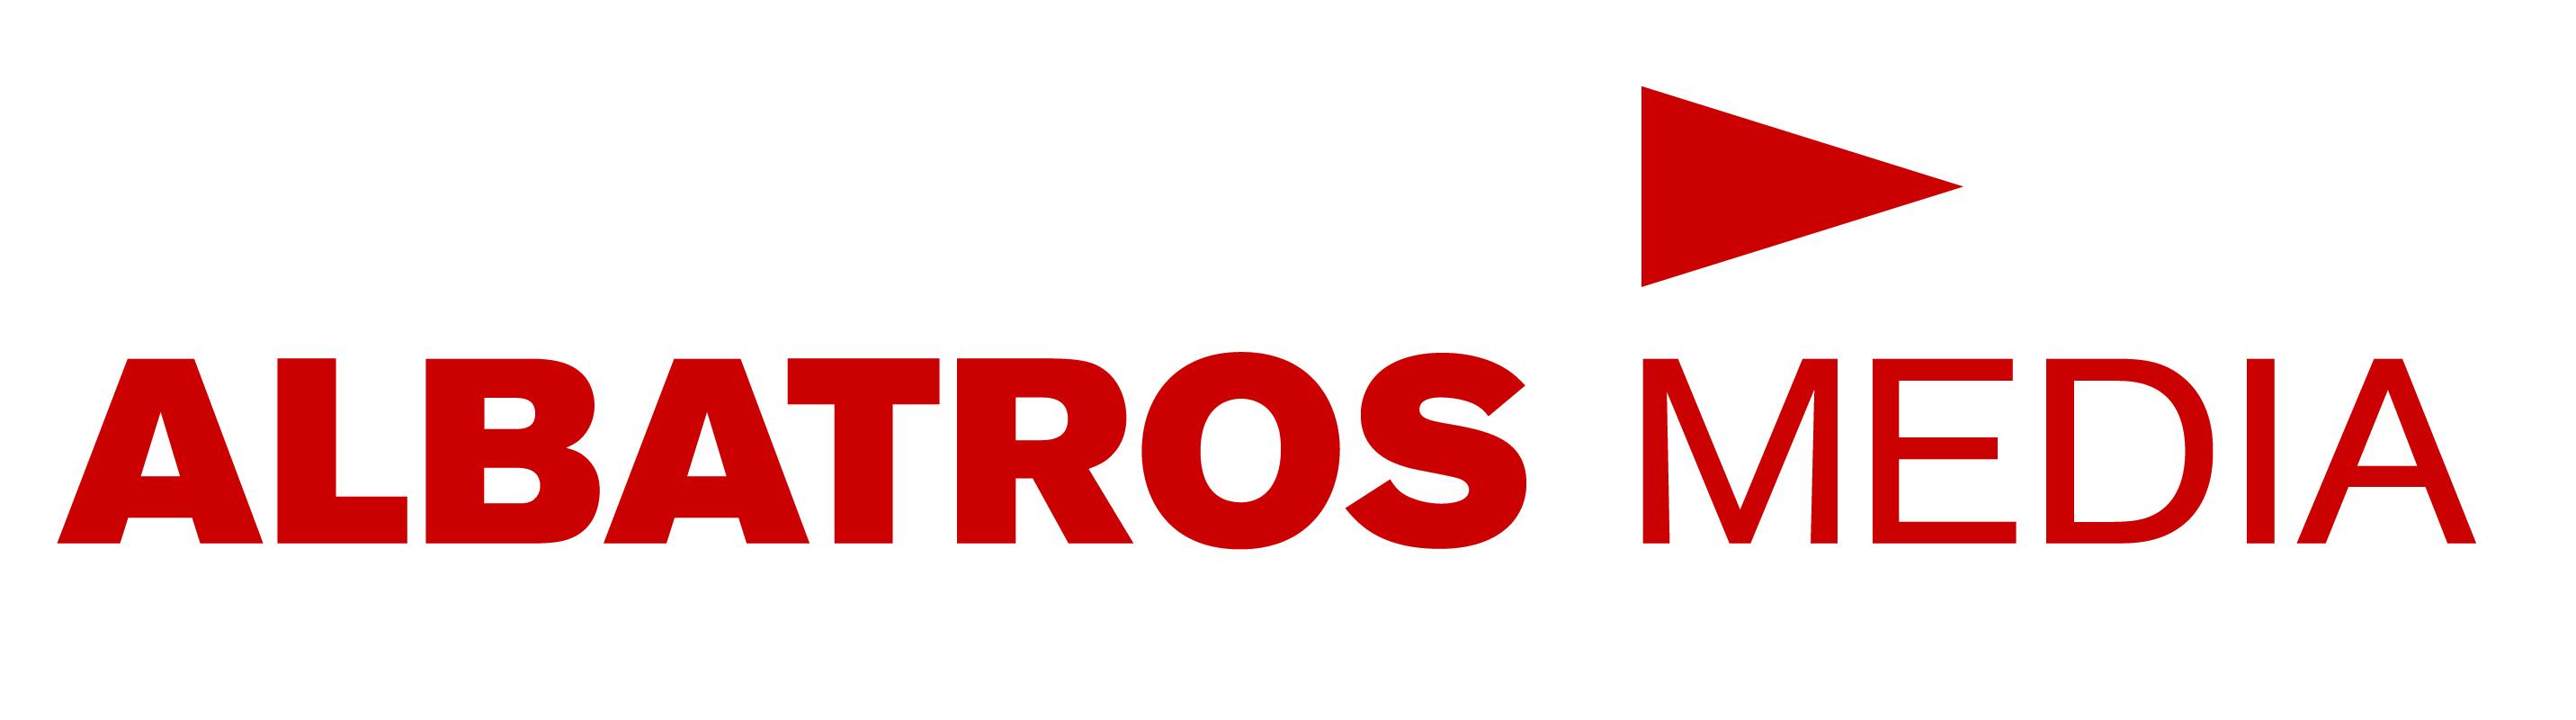 Výsledek obrázku pro www.albatrosmedia logo